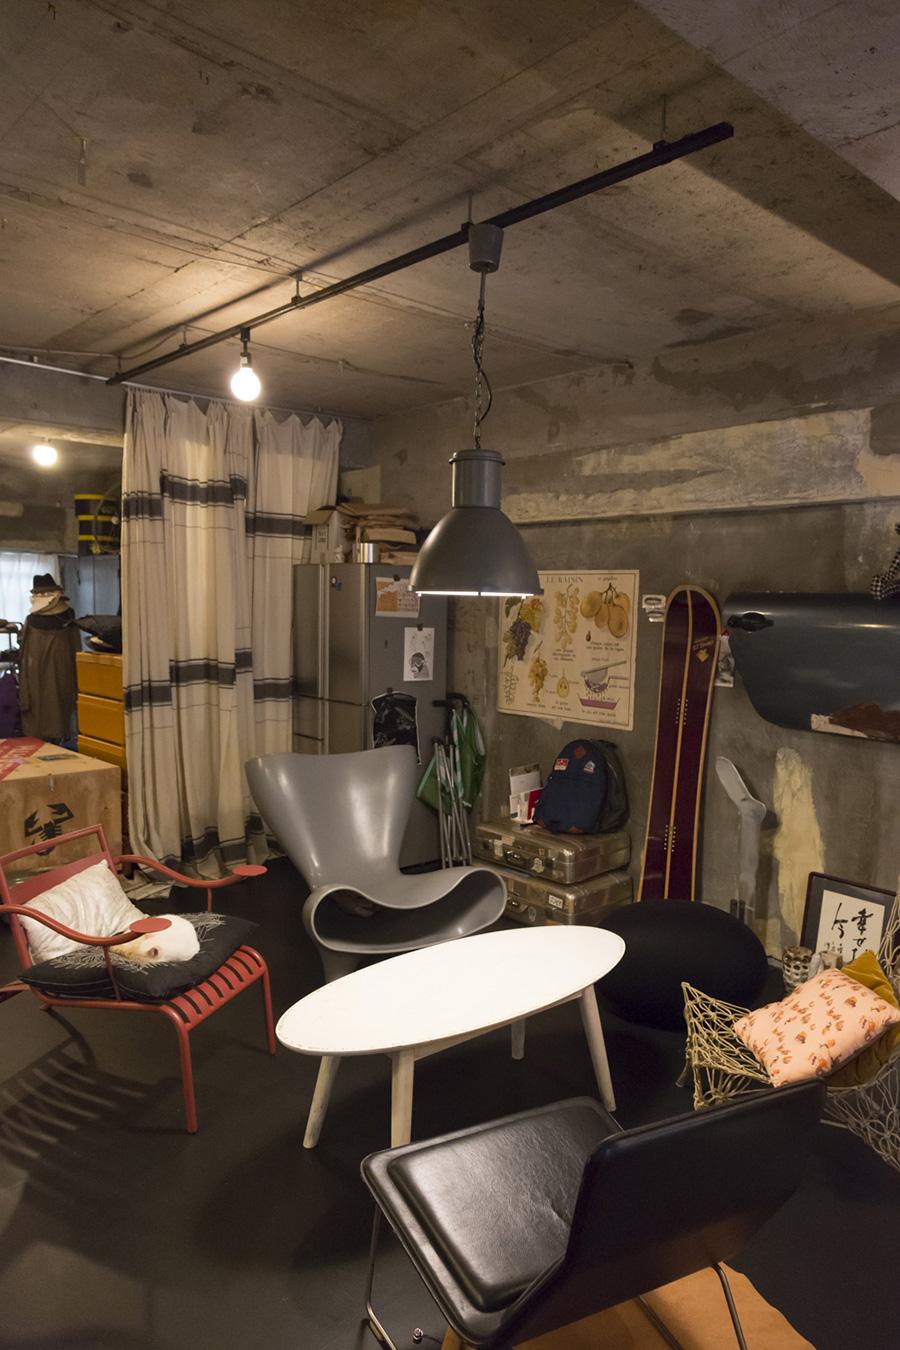 インテリアの巨匠たちの名作椅子を並べた場所。